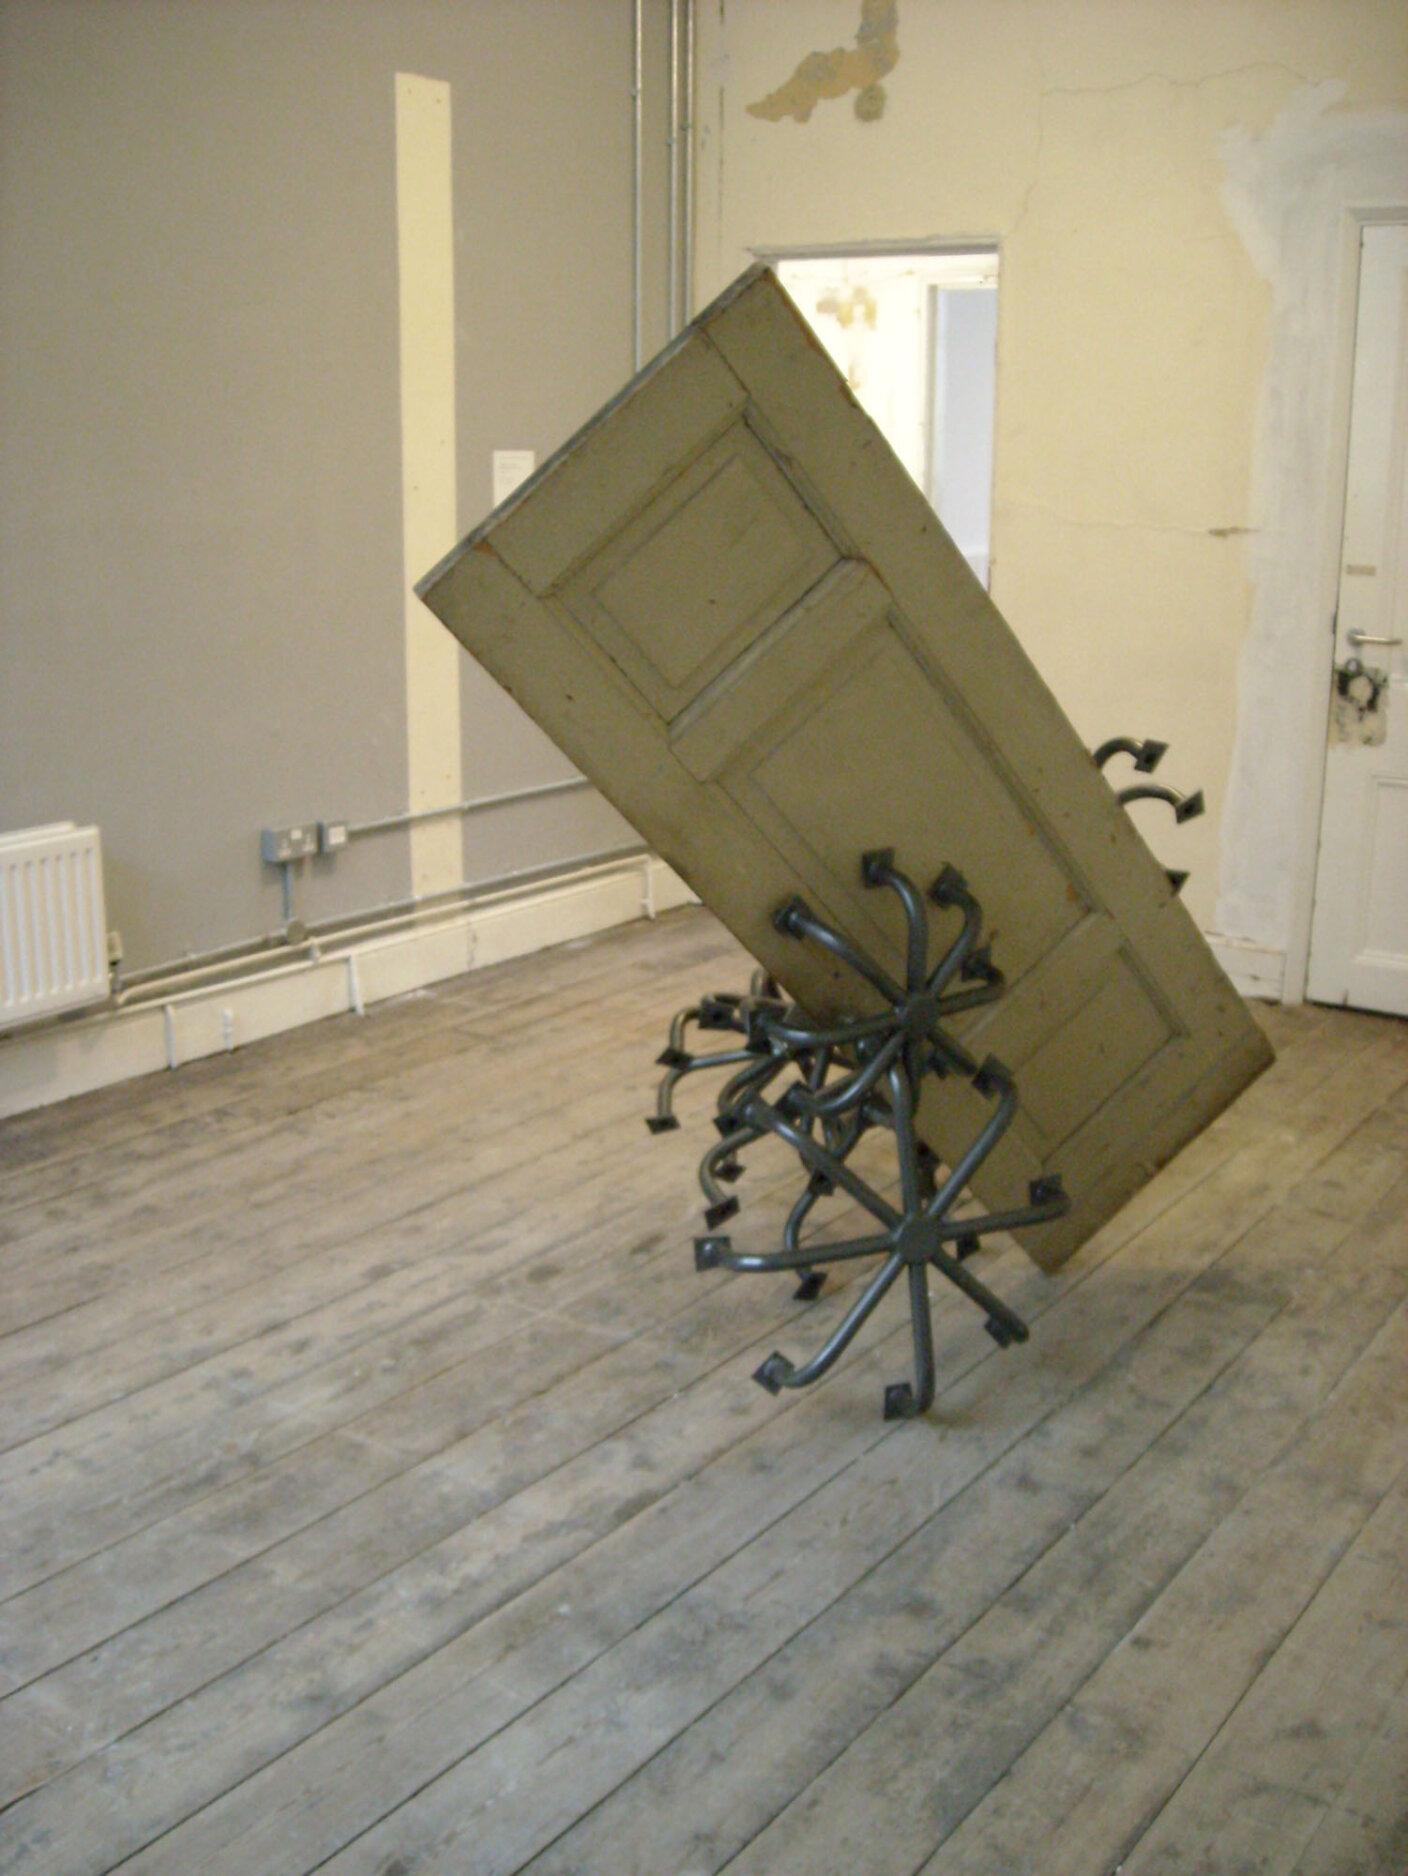 Alexej Meschtschanow, Dämonen benutzen geschlossene Türen, 2007